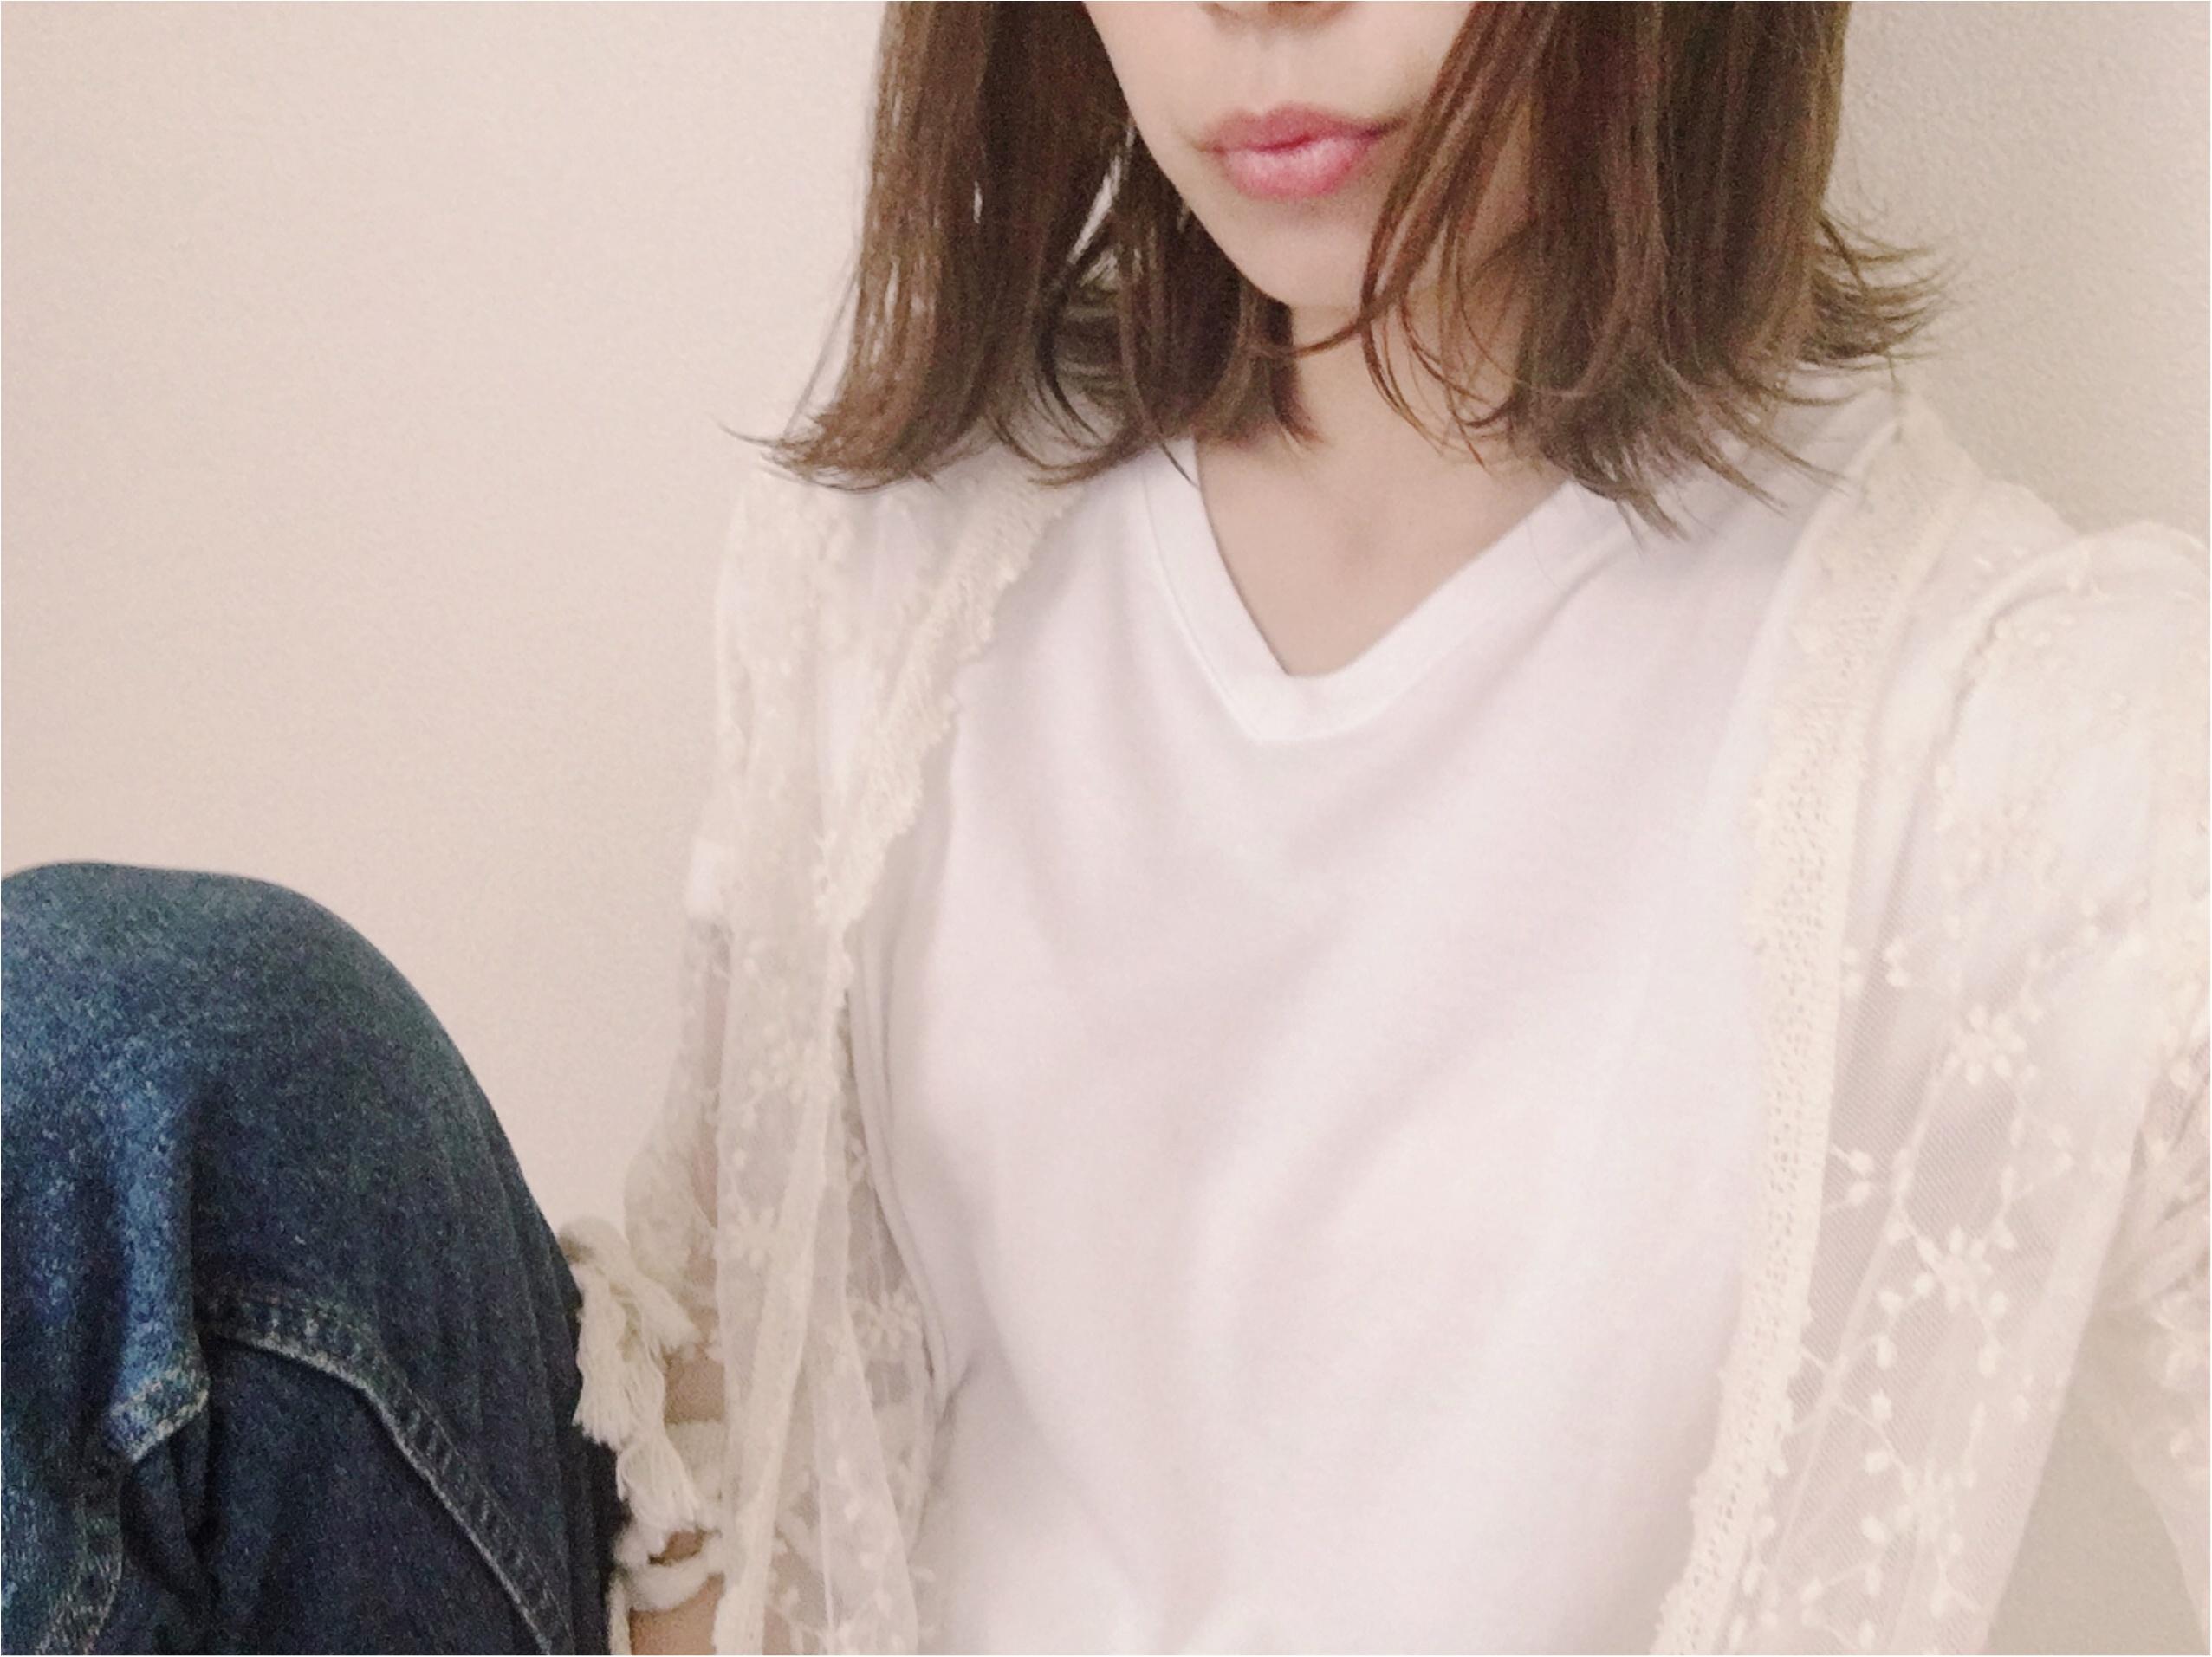 ★《UNIQLO》パックT×レースガウン +αで雰囲気お洒落作っちゃお♡♡_1